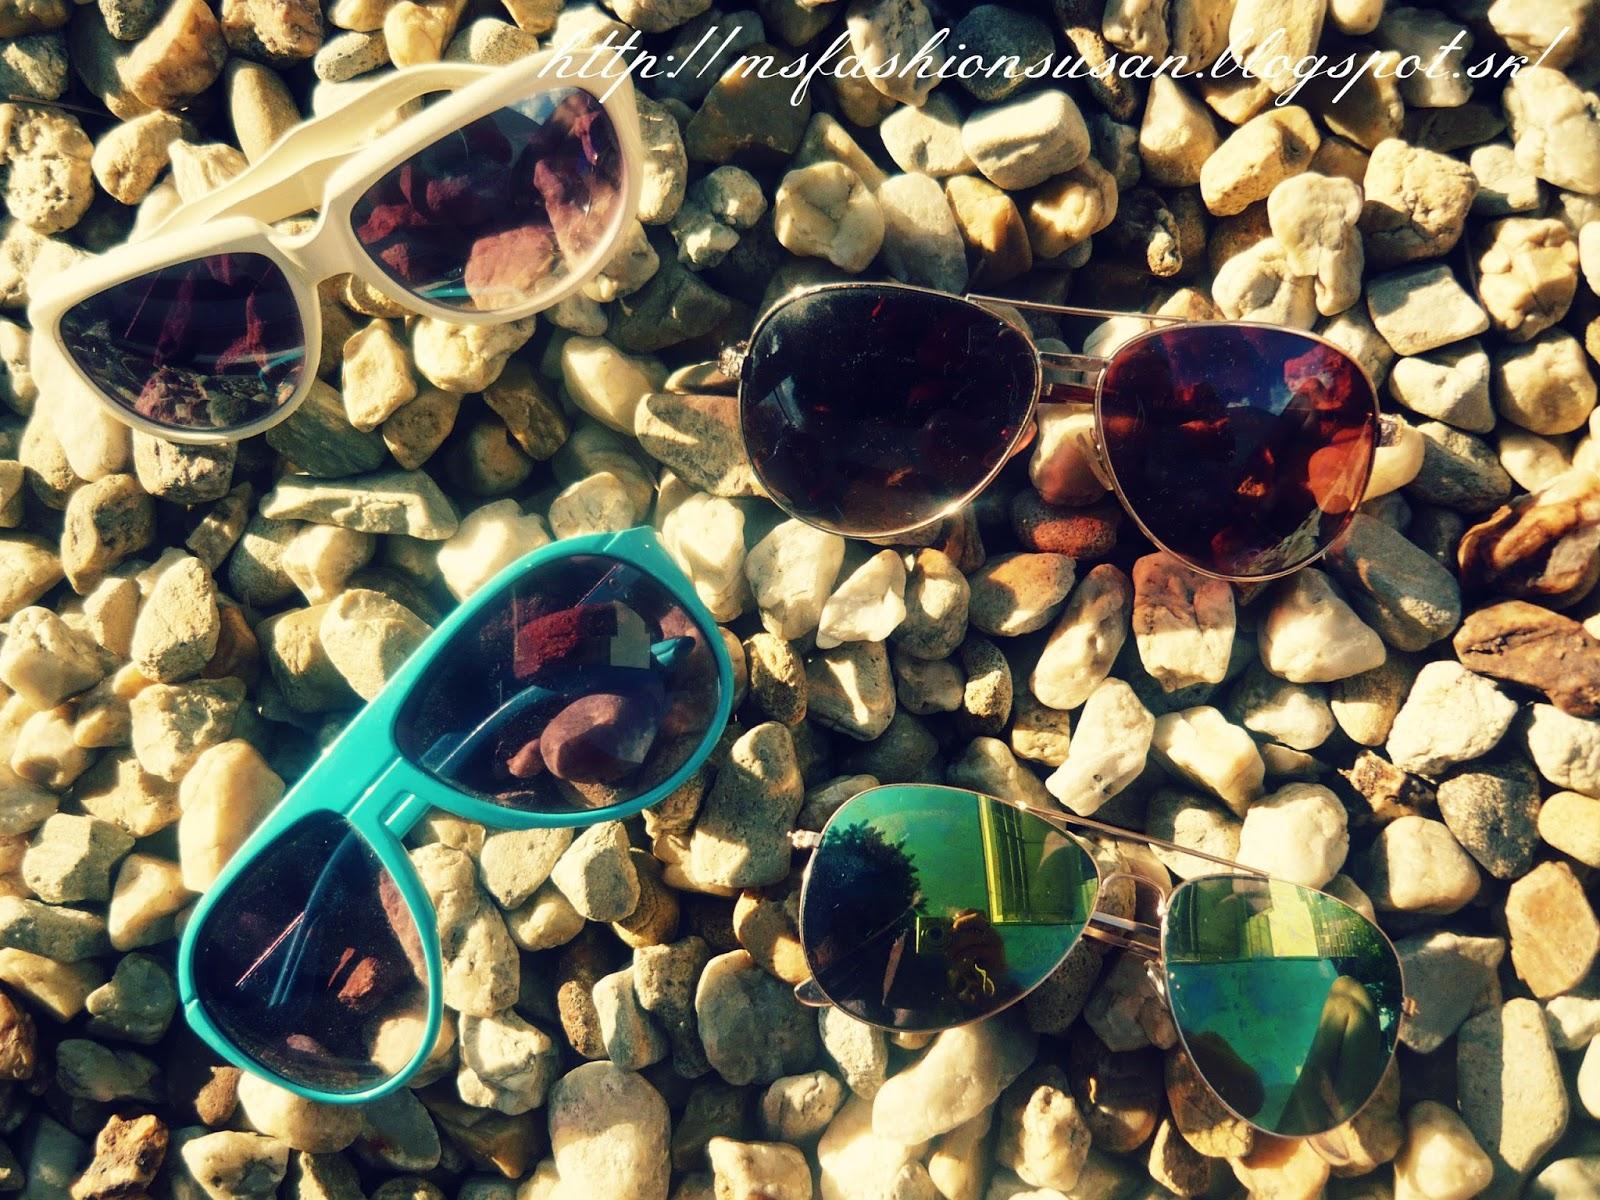 89a520370 Toto je moja zbierka okuliarov, ktoré veľmi rada nosím. Veľmi na ne  zaťažená nie som, ale zo pár kúskov u mňa nájdete.Obidvoje pilotky a tie  modré over ...